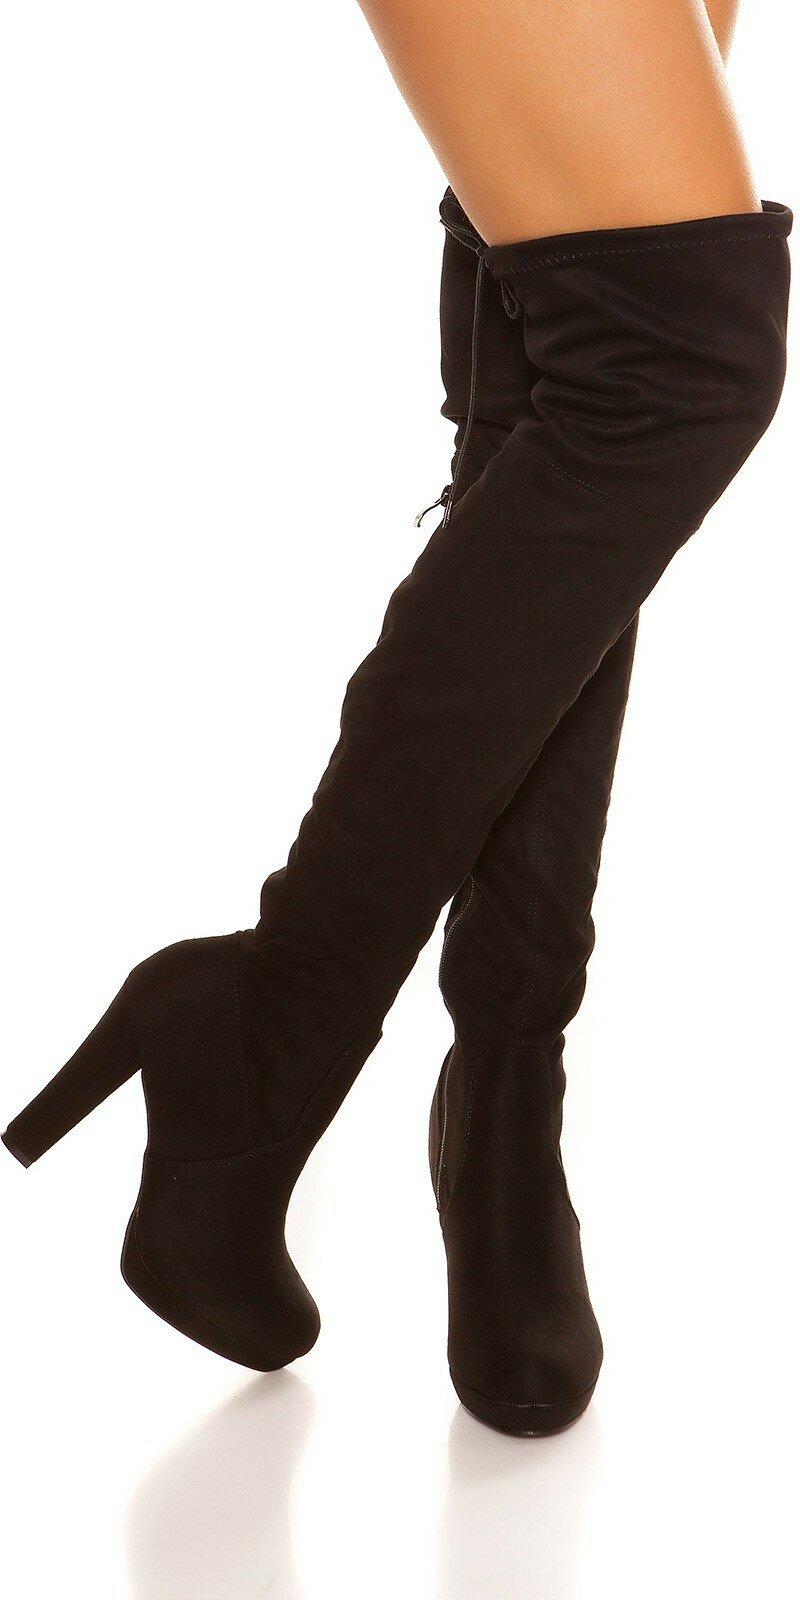 Čierne čižmy semišového vzhľadu  Velkosť topánok 36 Farba Čierna 9b0d14239f7